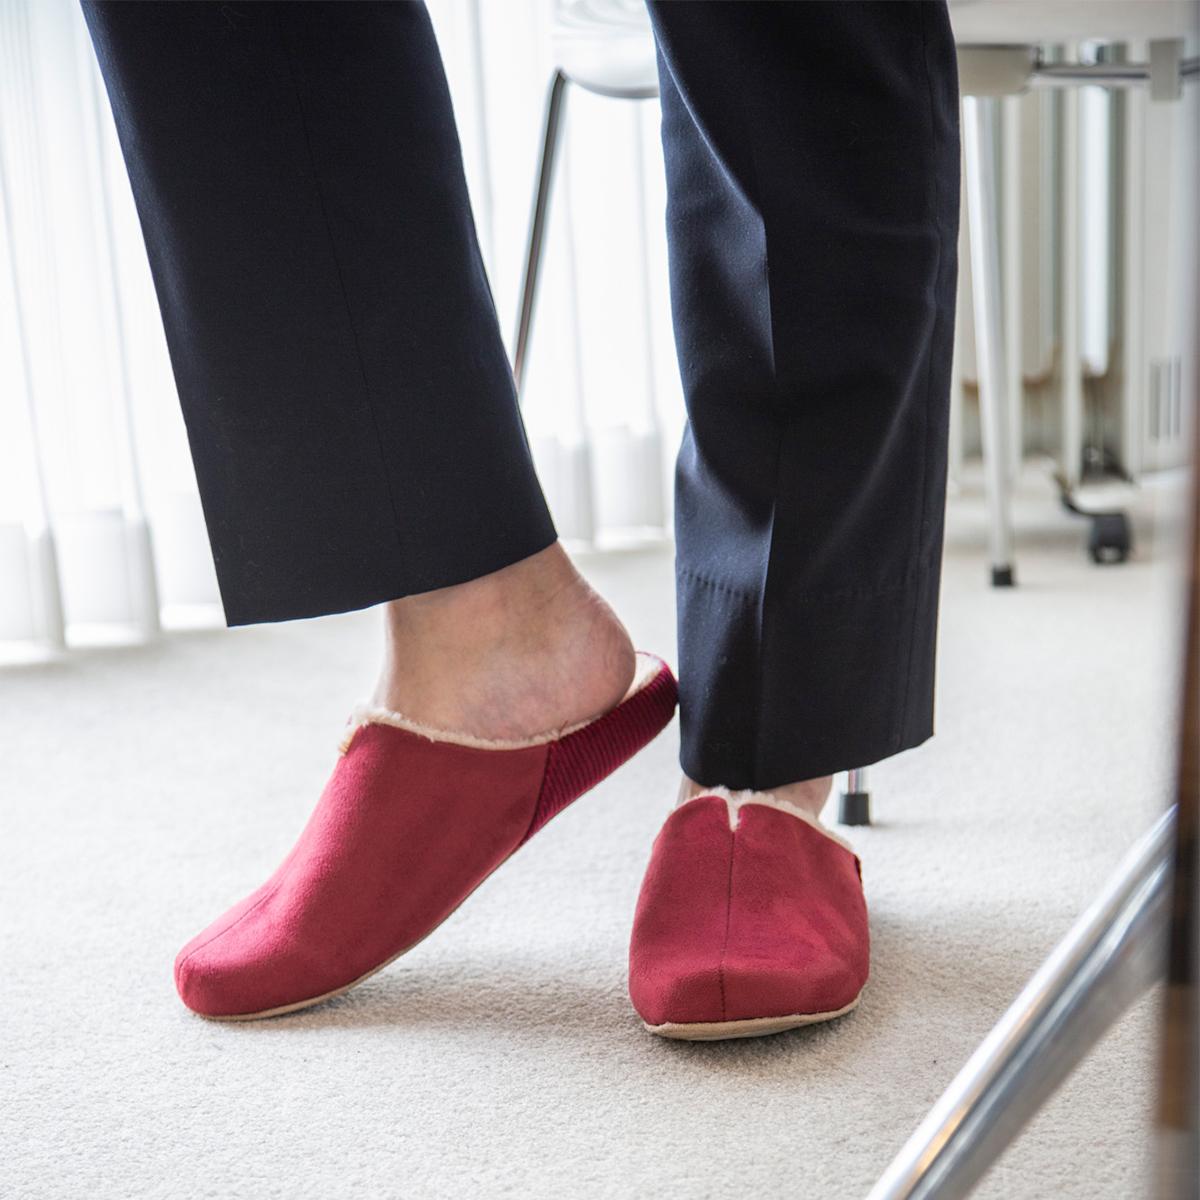 足に気持ちよくフィットする、職人が靴の製法でつくった、ボアつきなのに歩きやすい「モコモコスリッパ」|room's moco